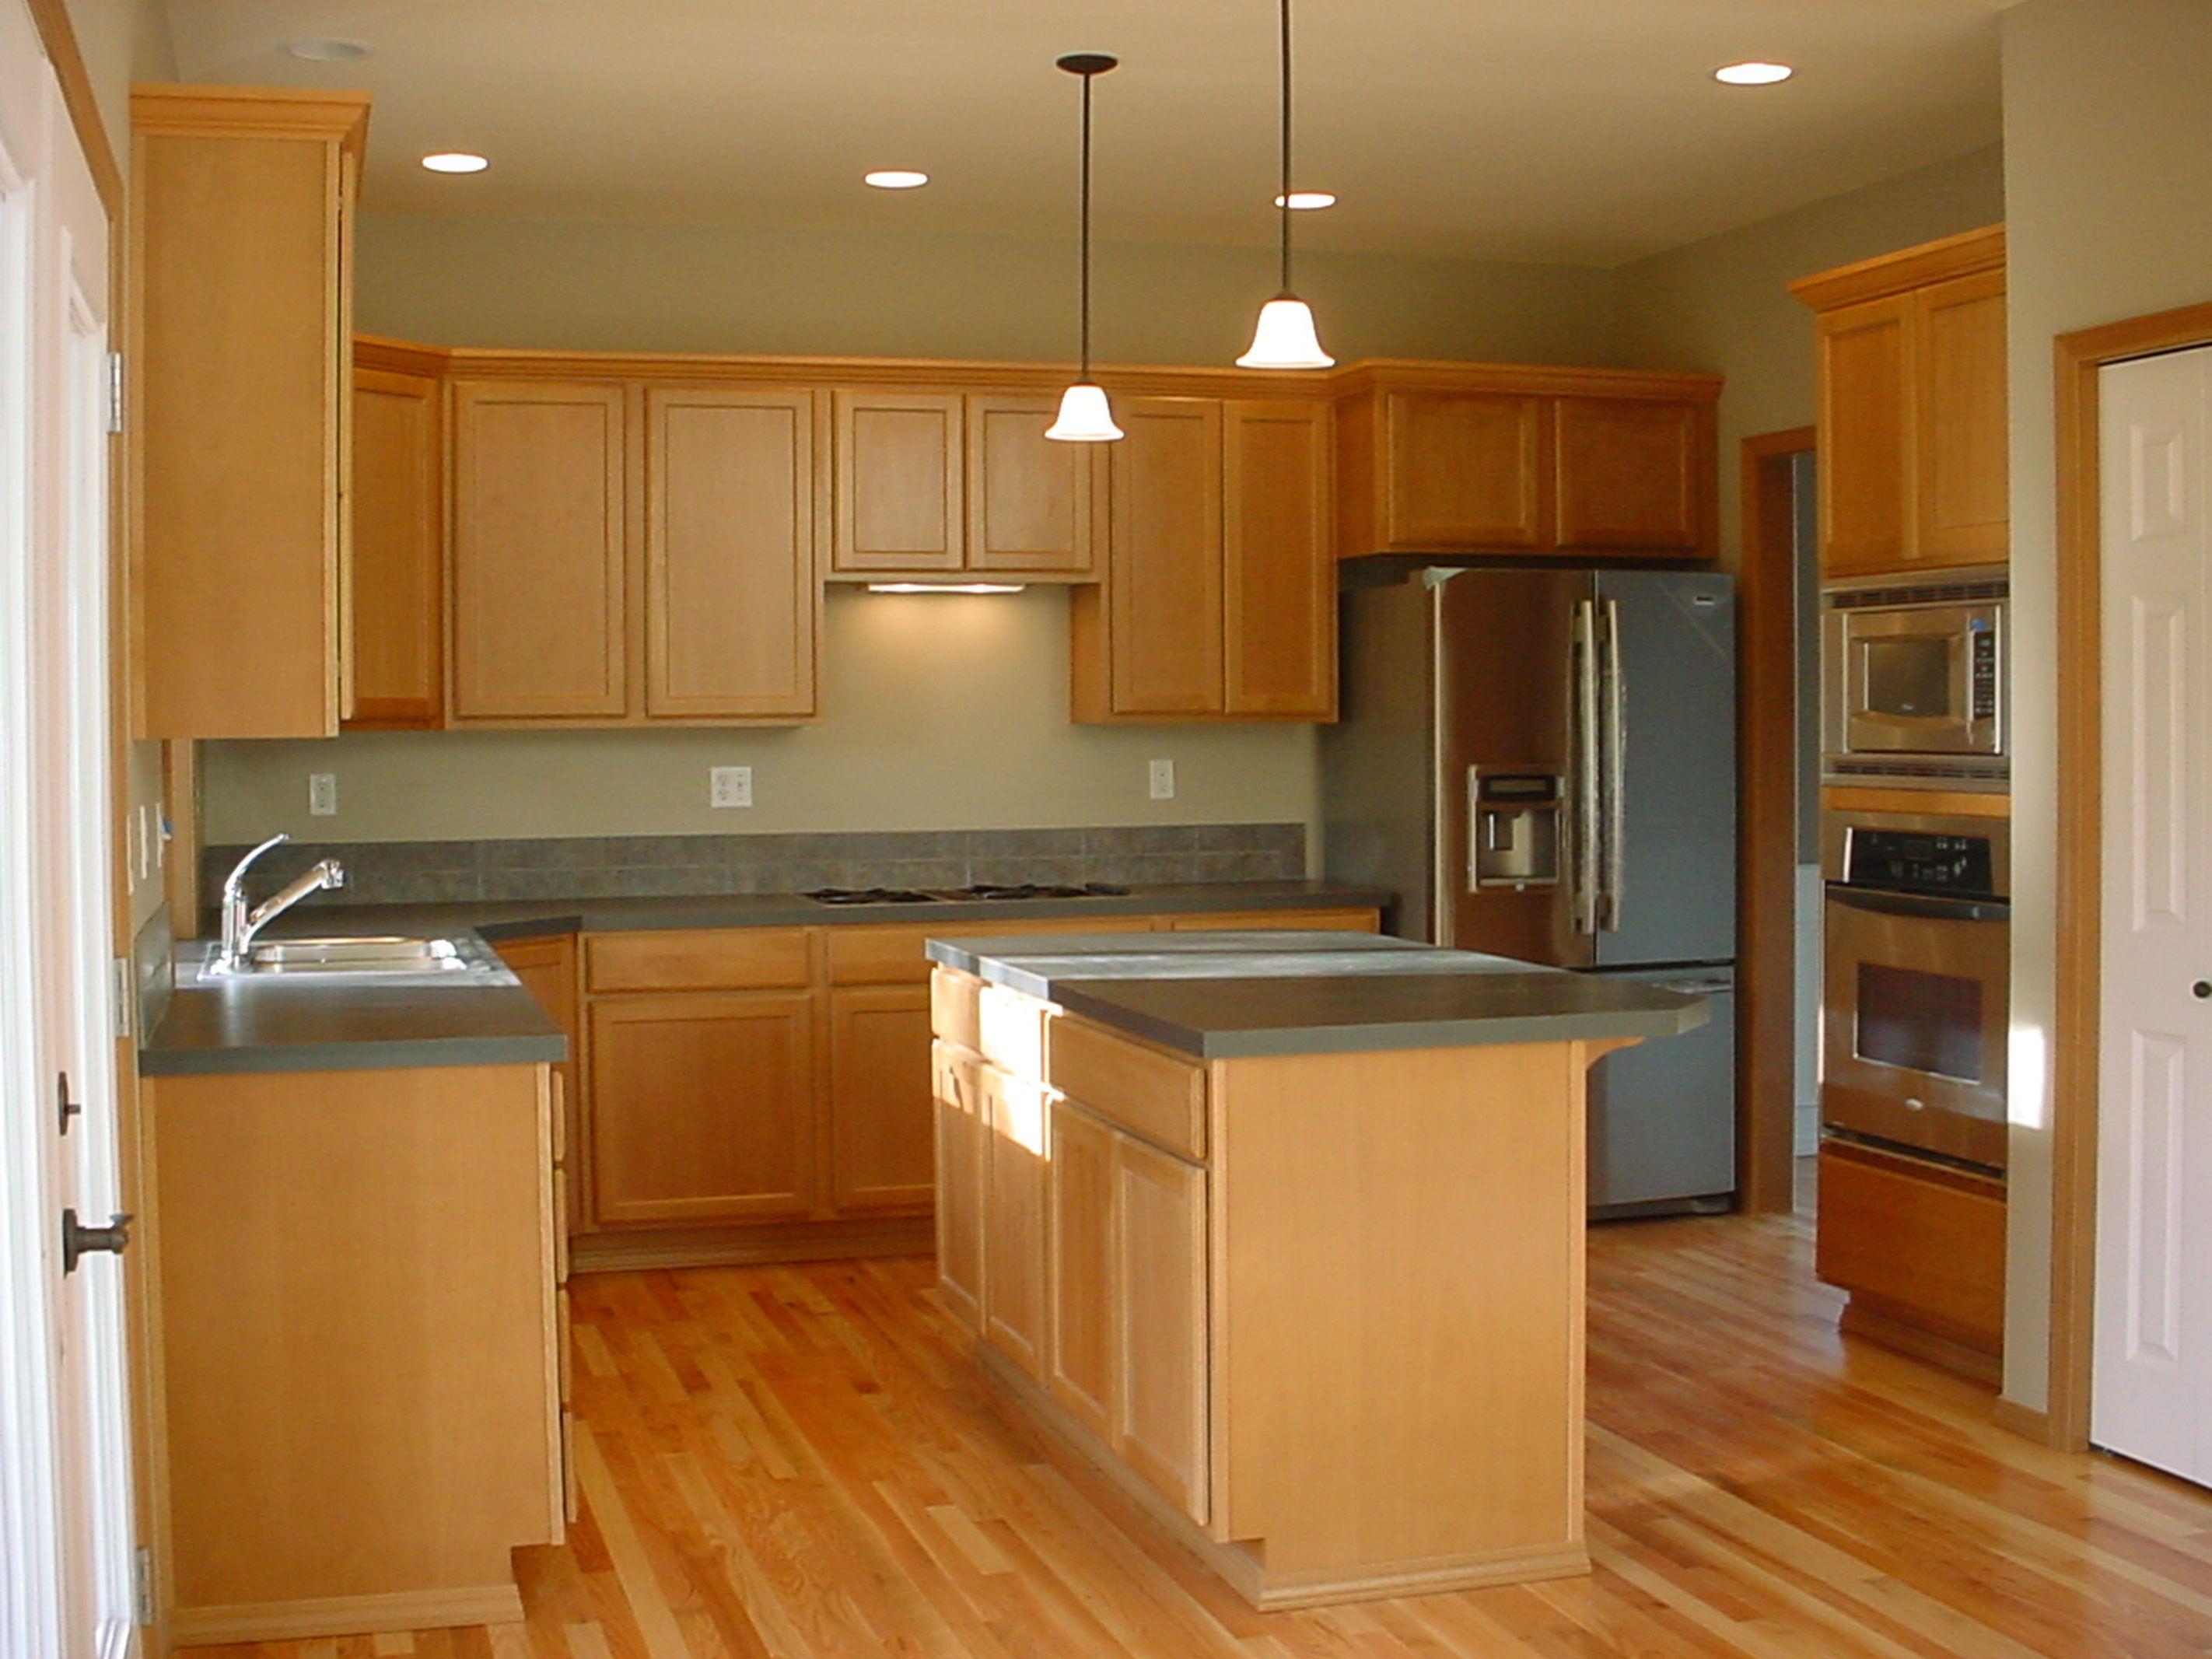 Home Depot Kitchen Design Home Home Design Ideas Crown Molding 2844x213 Kitchen Cabinet Crown Molding Interior Decorating Kitchen Online Kitchen Cabinets